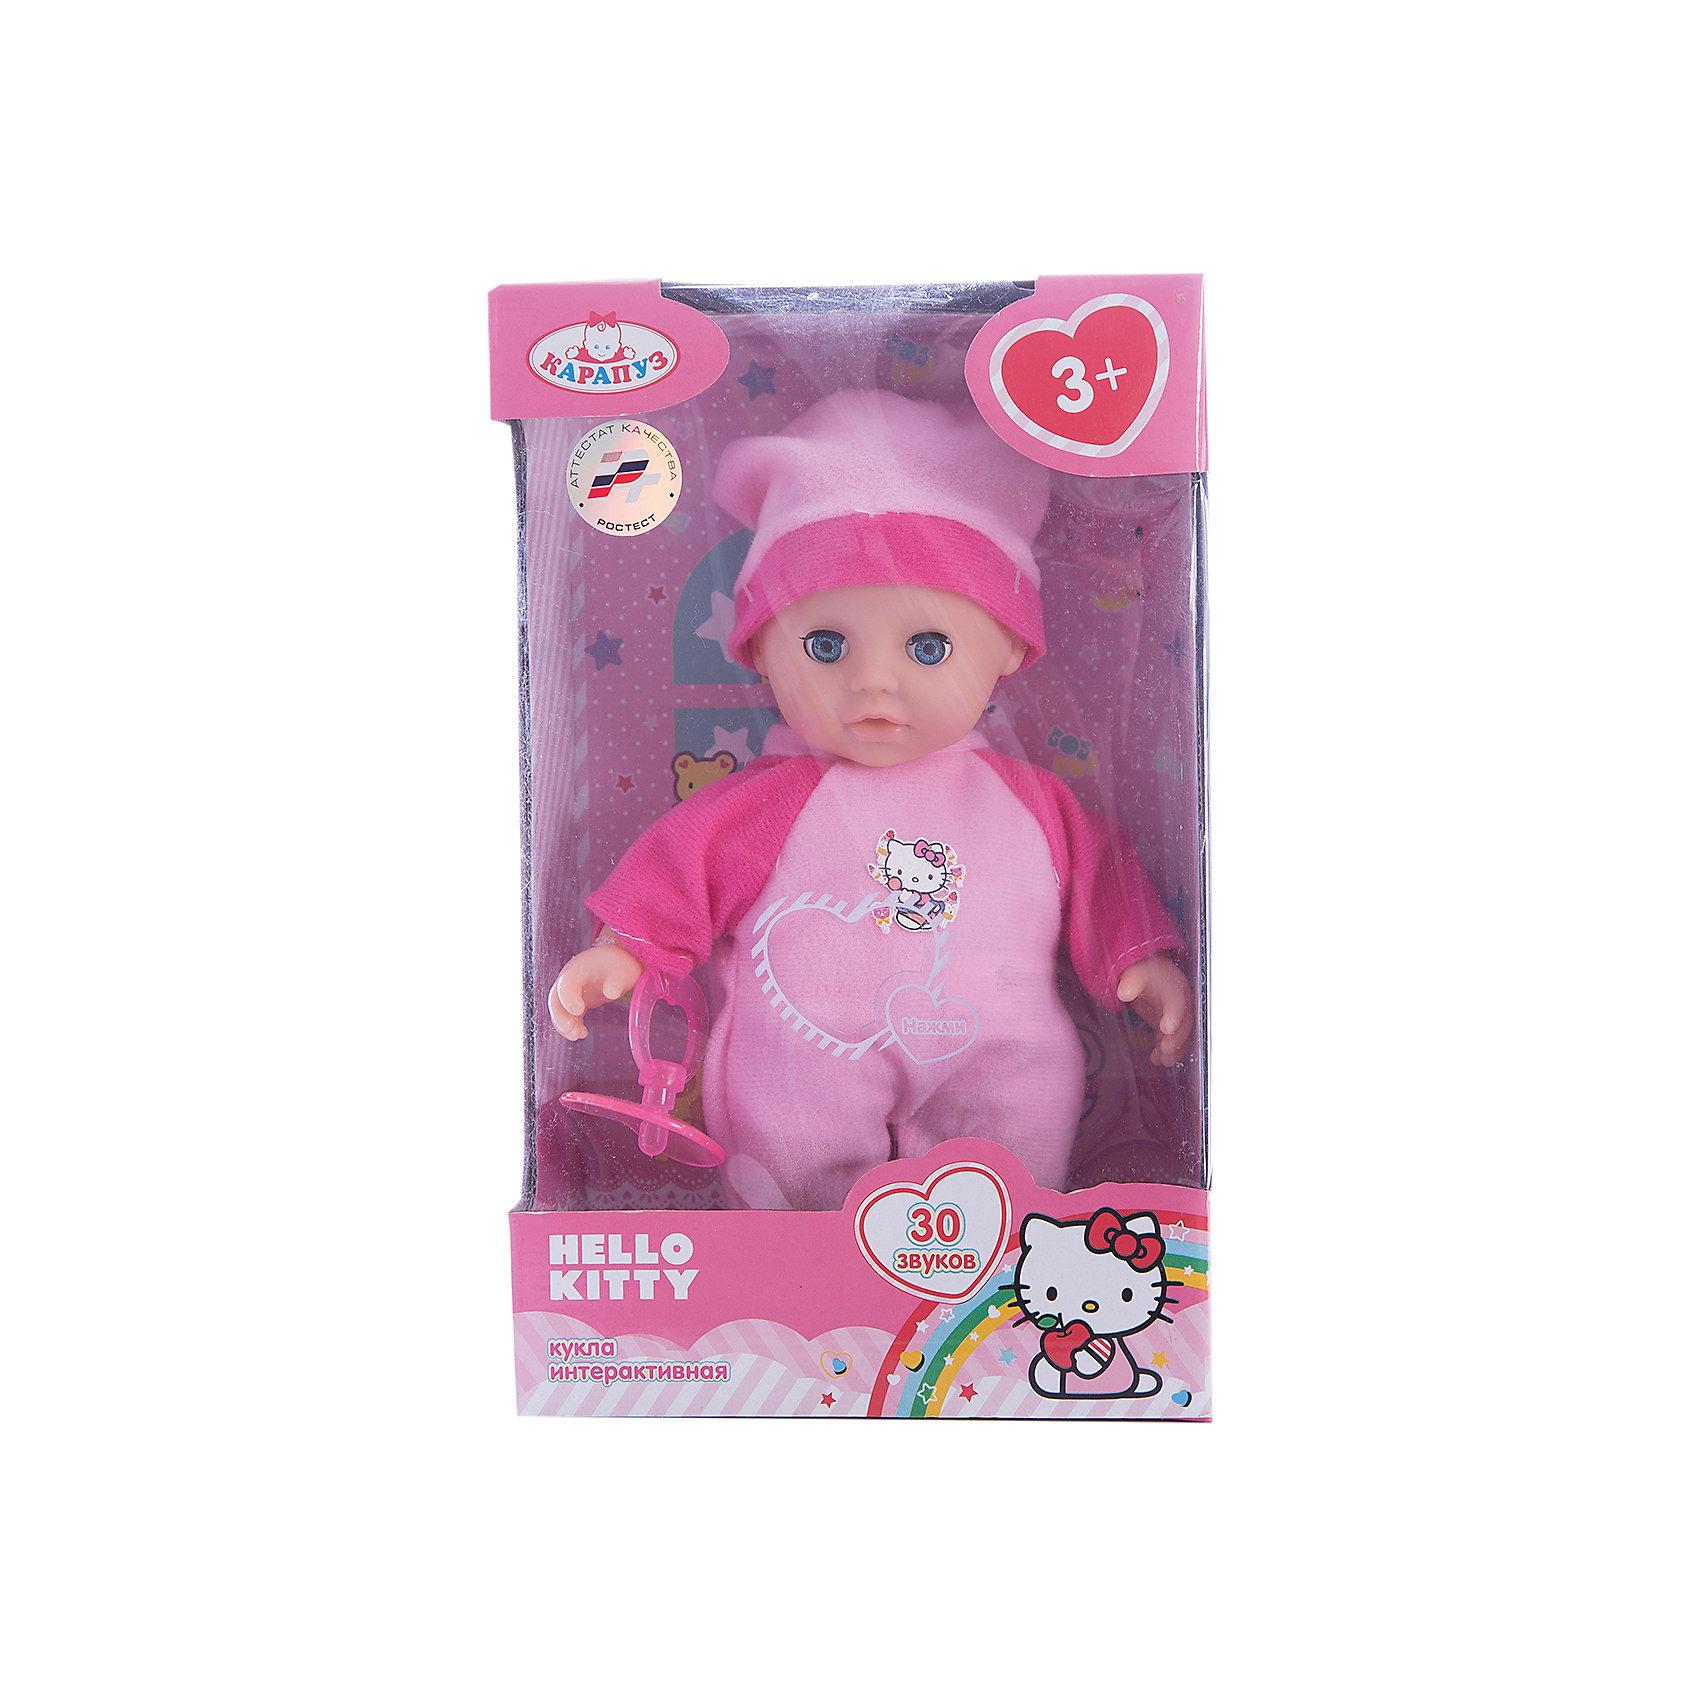 Пупс Карапуз Hello Kitty, озвученный, мягкое тело, 20 смКуклы-пупсы<br>Интерактивная кукла-пупс Hello Kitty похожа на настоящего ребенка и работает на батарейках. Она имеет мягкое тело и русскую озвучку. Игрушка умеет смеяться и плакать, и также произносит 30 разных звуков. Кукла одета в яркий теплый комбинезон и шапочку. В наборе также имеется соска. Детали комплекта изготовлены из прочного пластика и сшиты из мягкого текстиля. Рекомендовано детям от 3-х лет.<br><br>Ширина мм: 250<br>Глубина мм: 80<br>Высота мм: 160<br>Вес г: 290<br>Возраст от месяцев: 36<br>Возраст до месяцев: 60<br>Пол: Женский<br>Возраст: Детский<br>SKU: 7014448